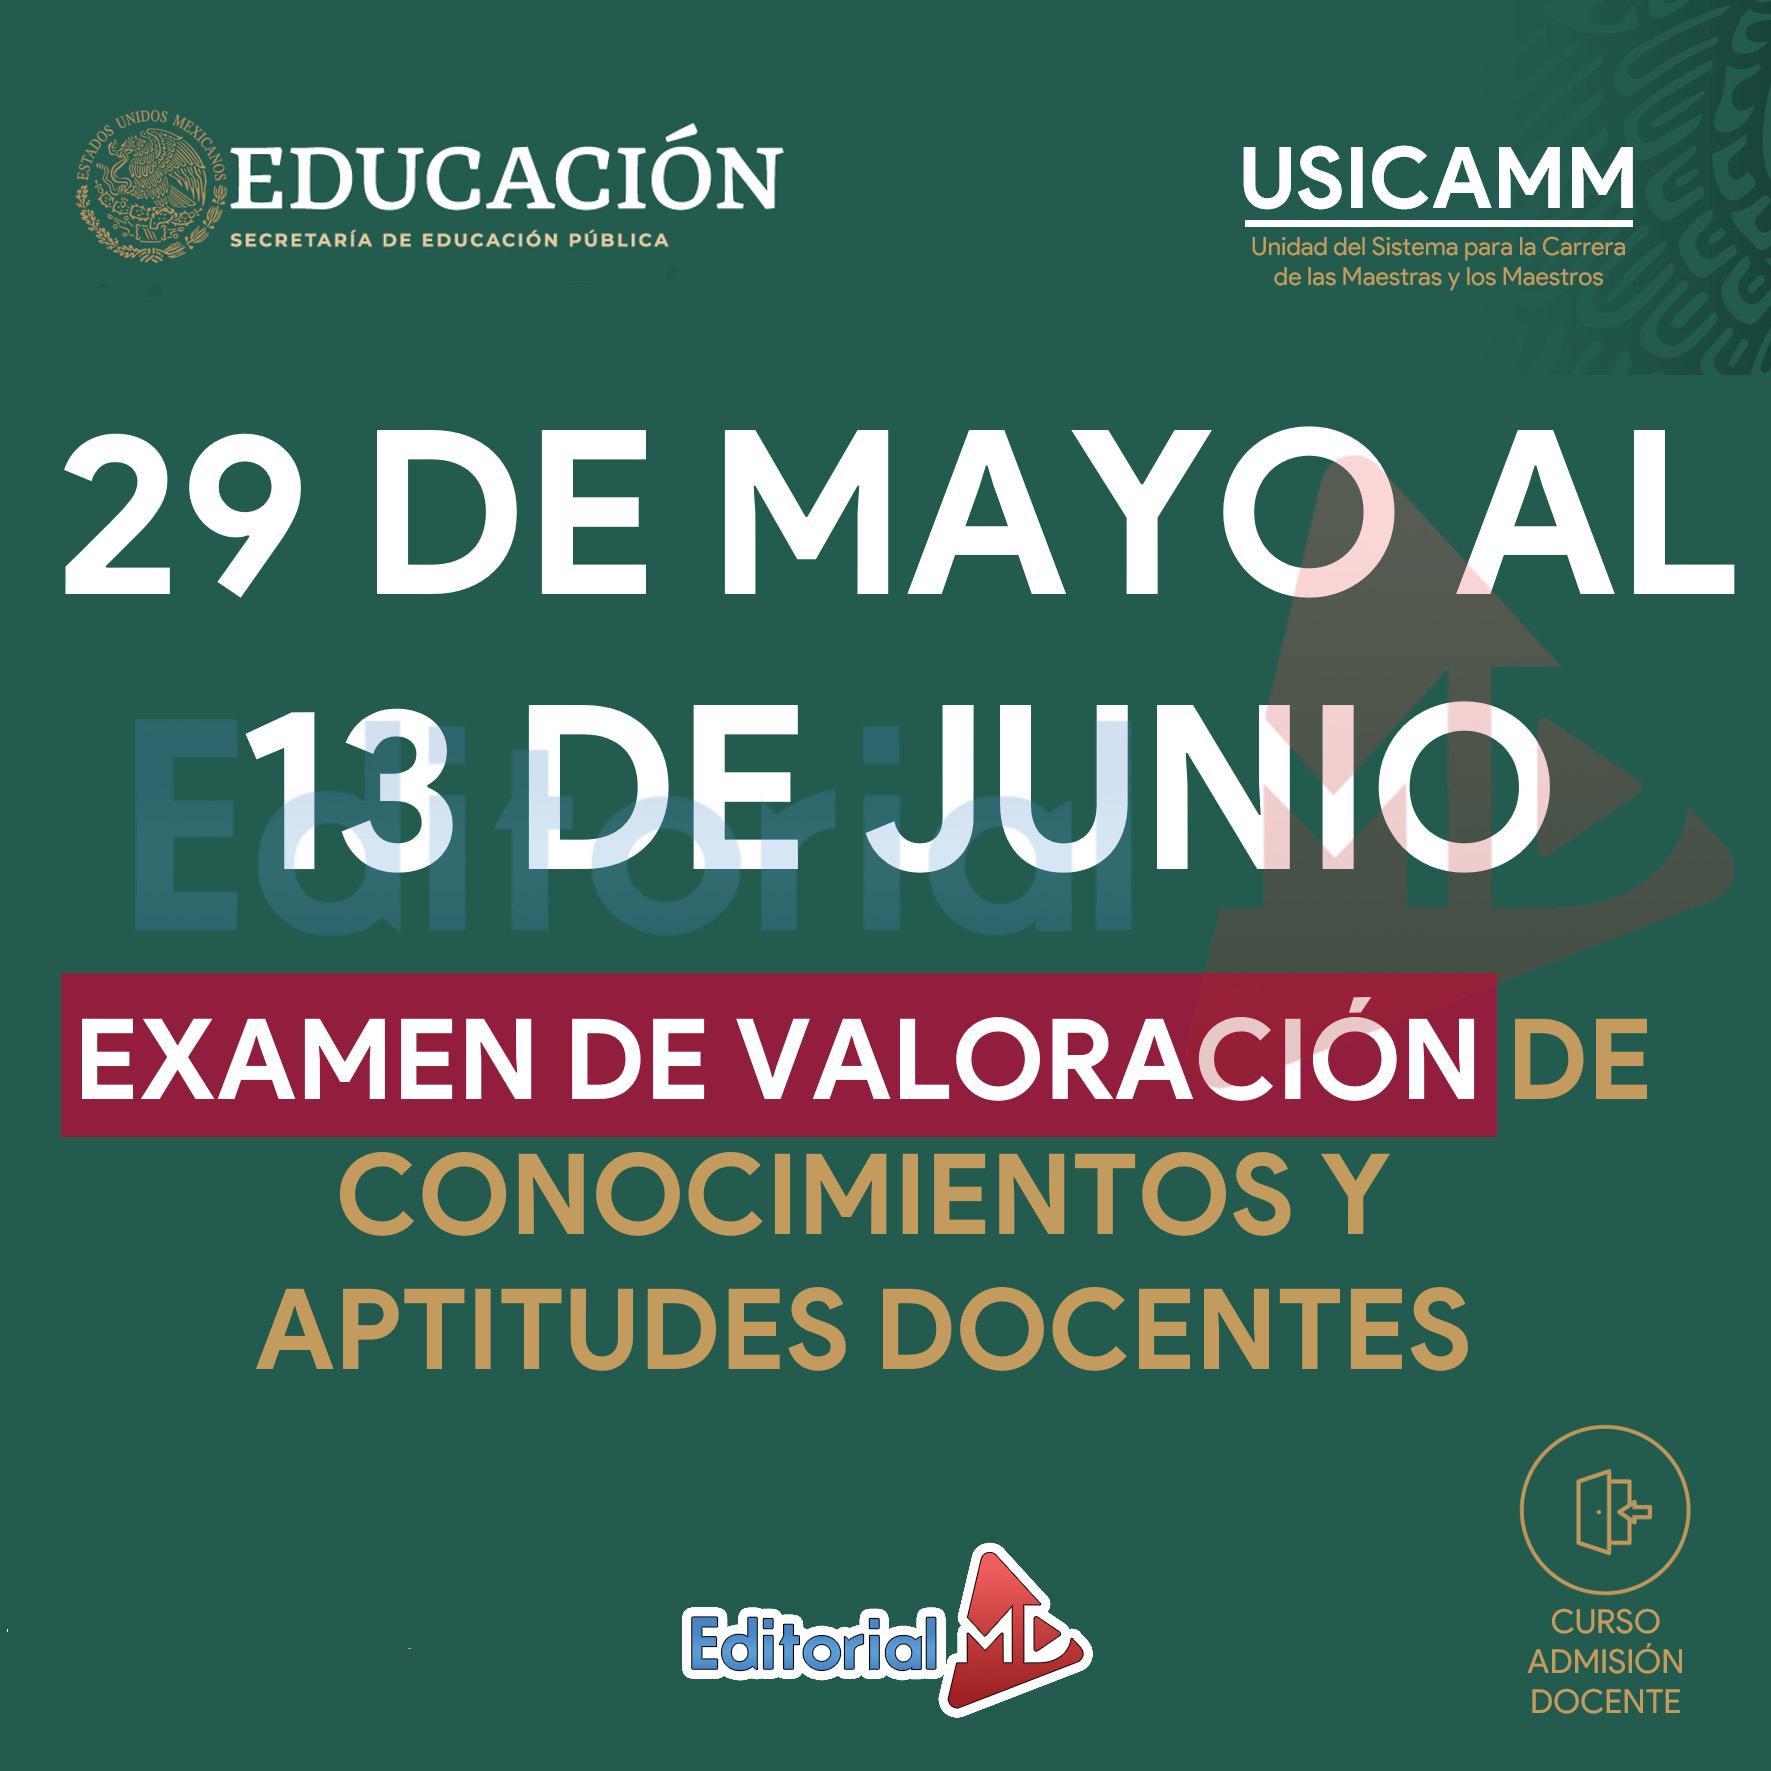 29 de Mayo al 13 De Junio (Examen de Valoración)